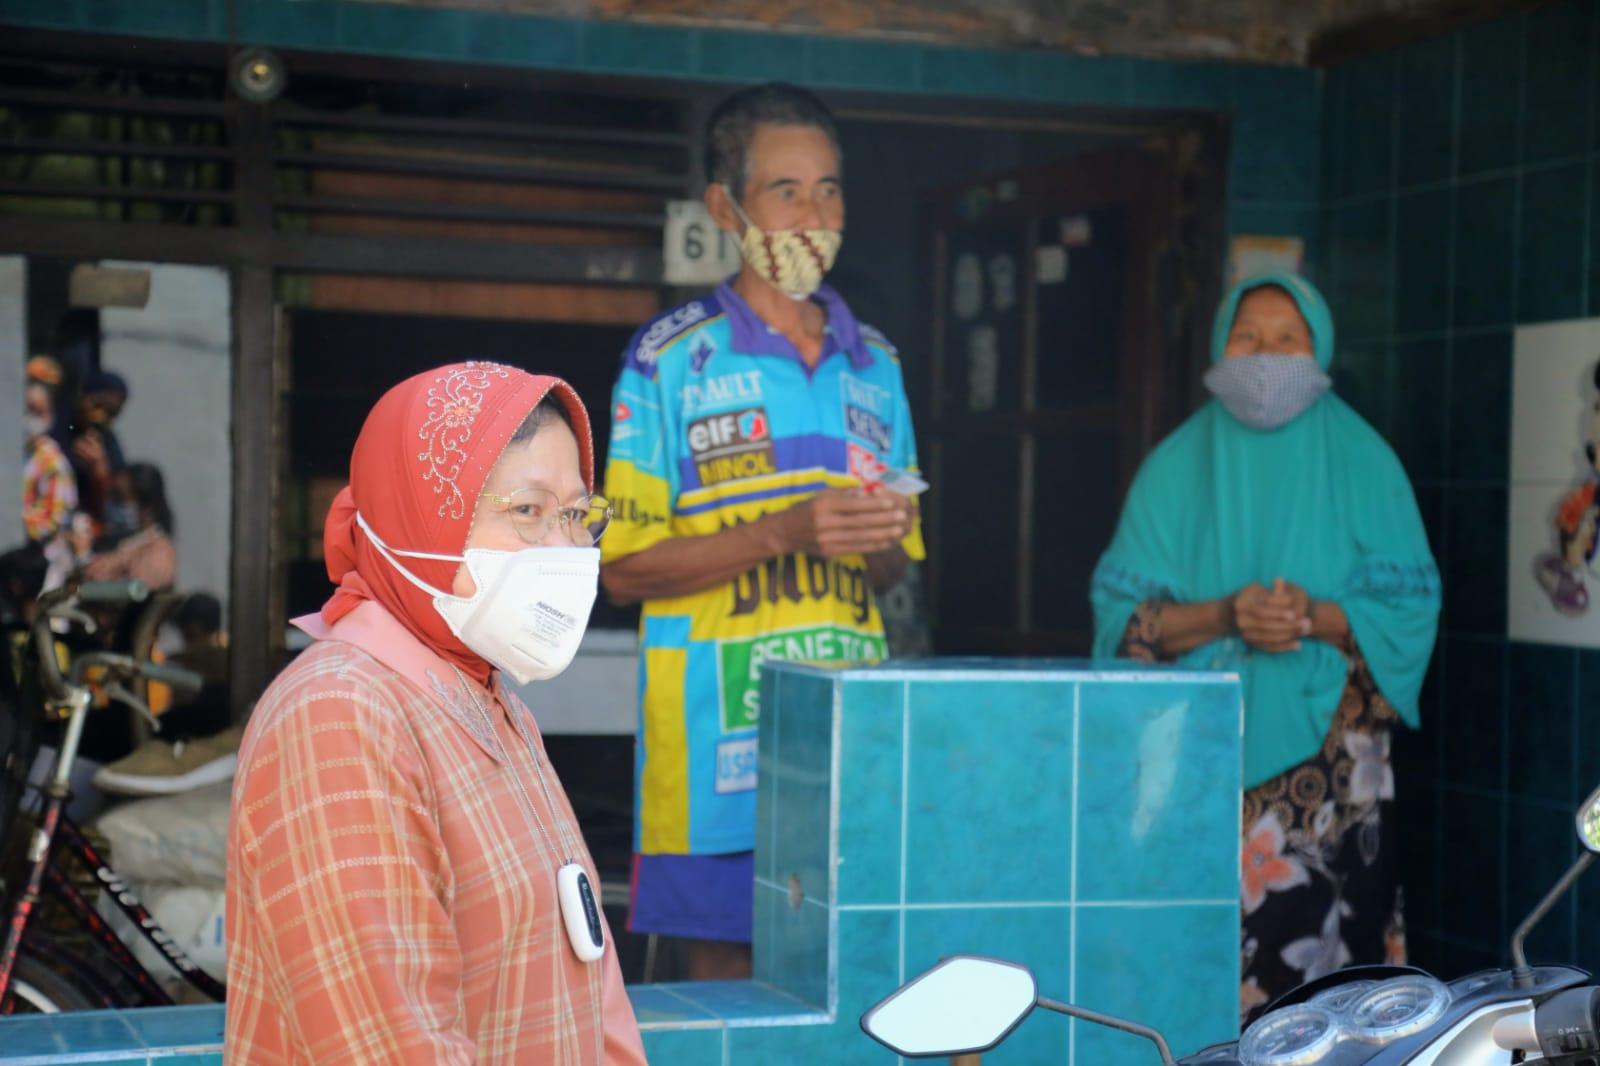 Mensos Risma 'Blusukan' di Sudut Kota Surabaya